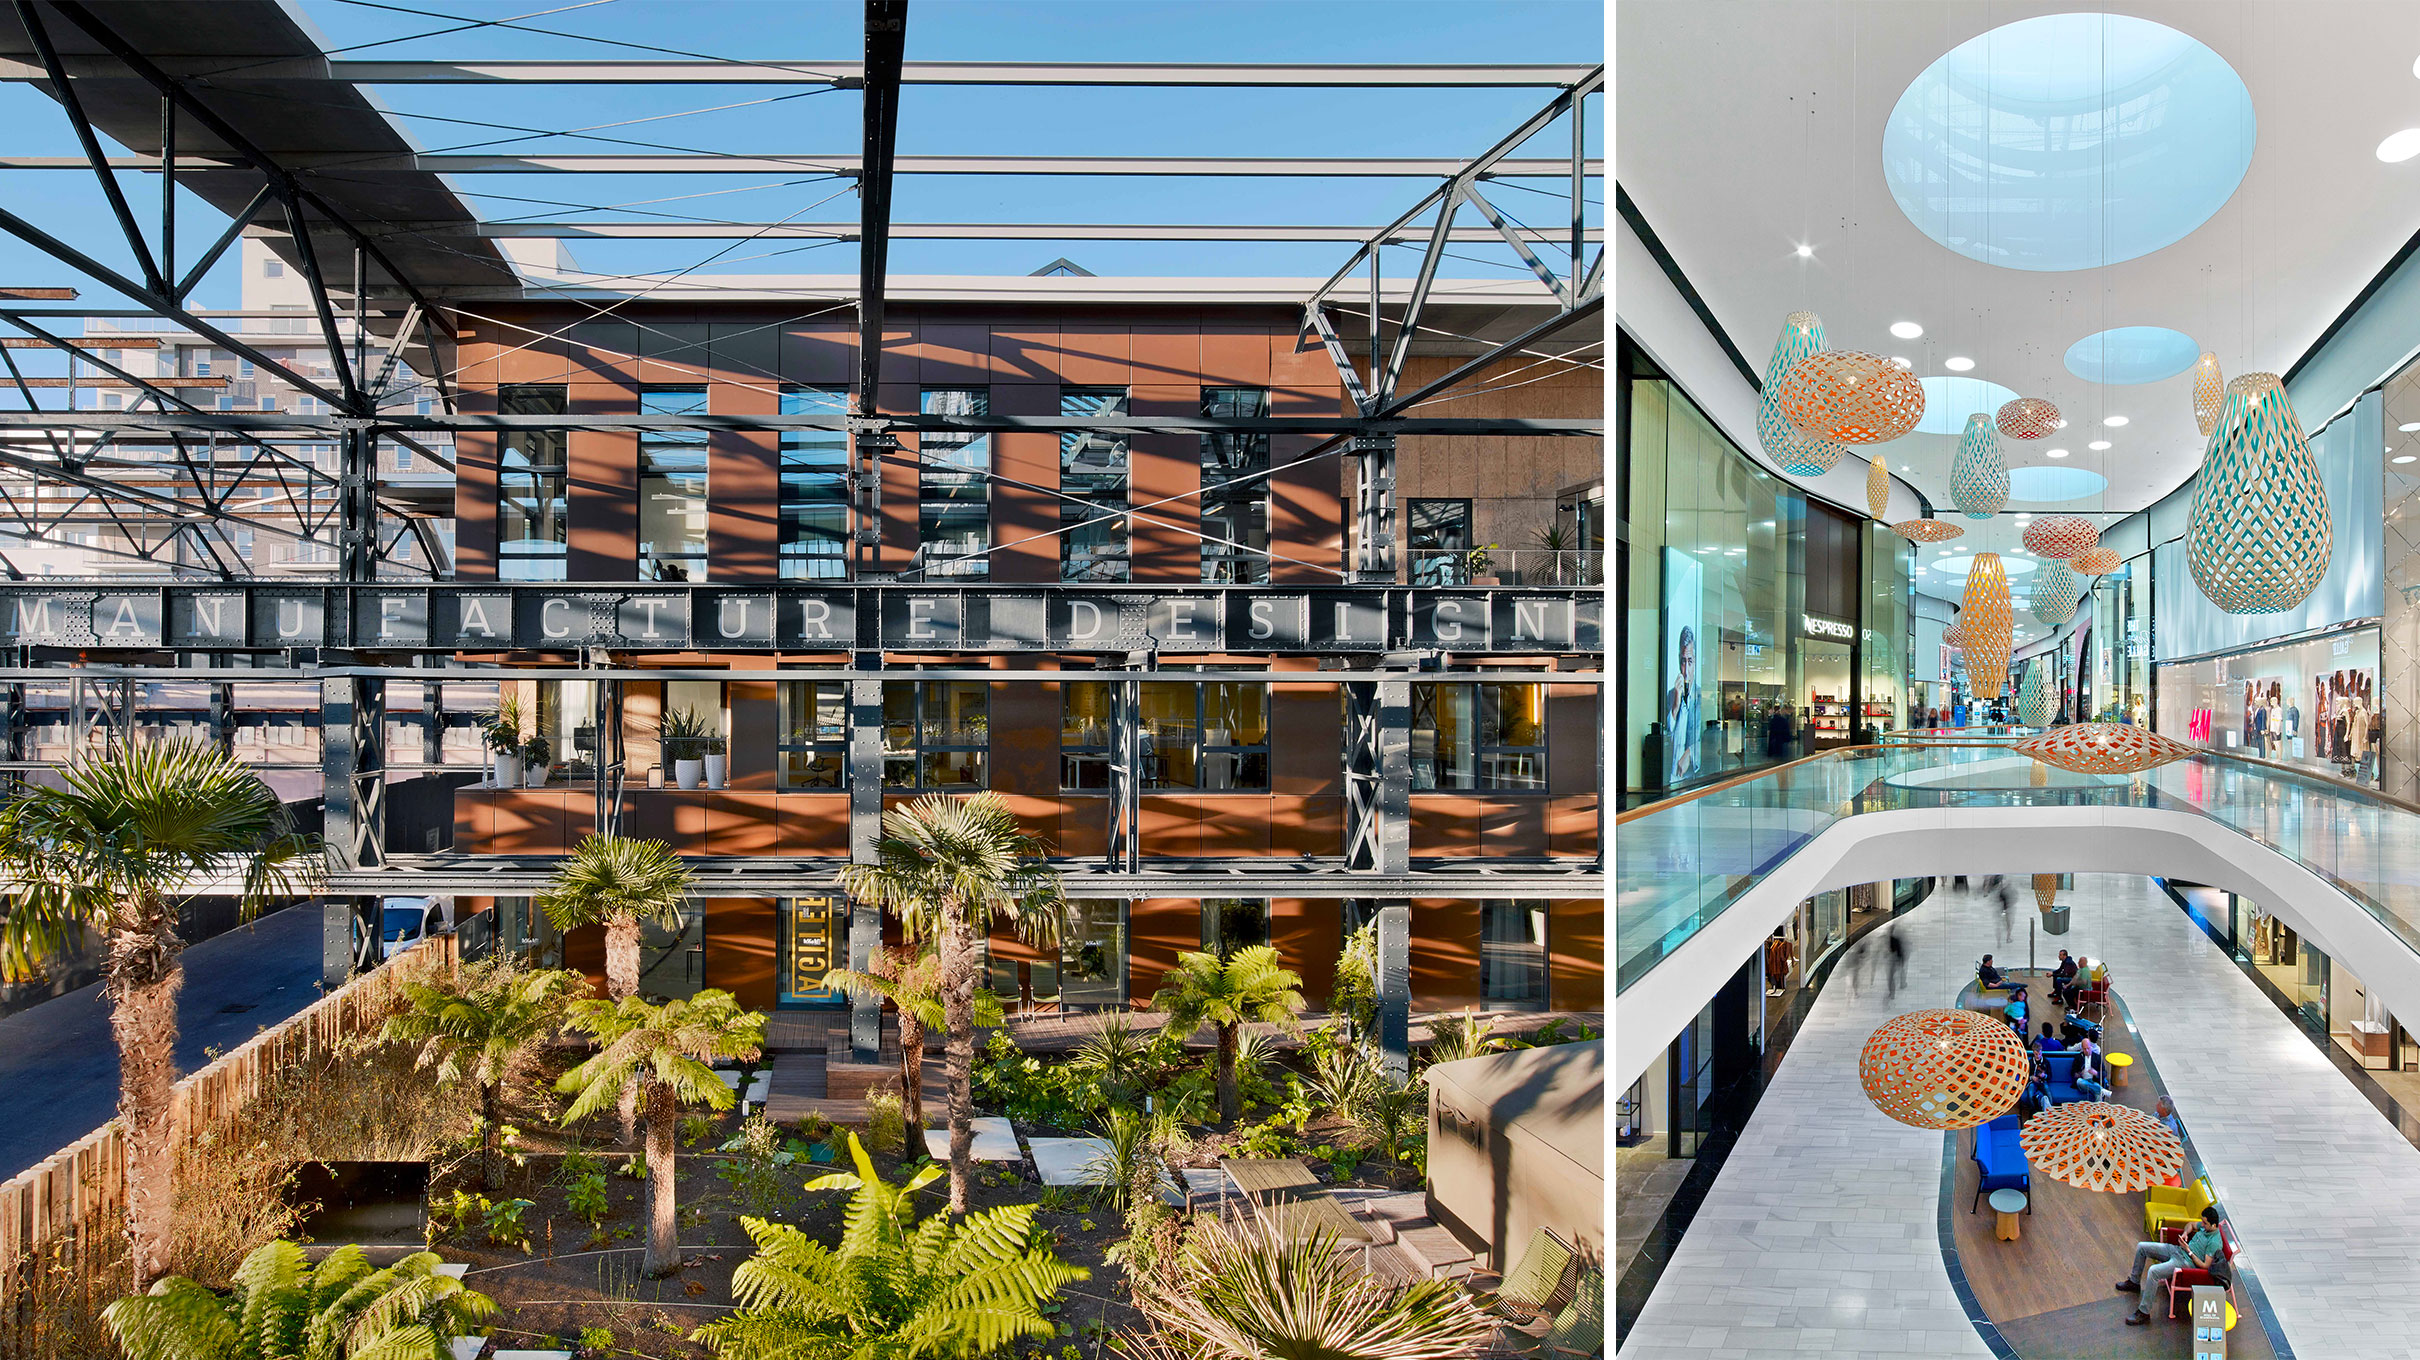 saguez-and-partners-projet-la-manufacture-design-global-architecture-identite-produit-environnement-st0rategie-workstyle-saint-ouen--capital83-2